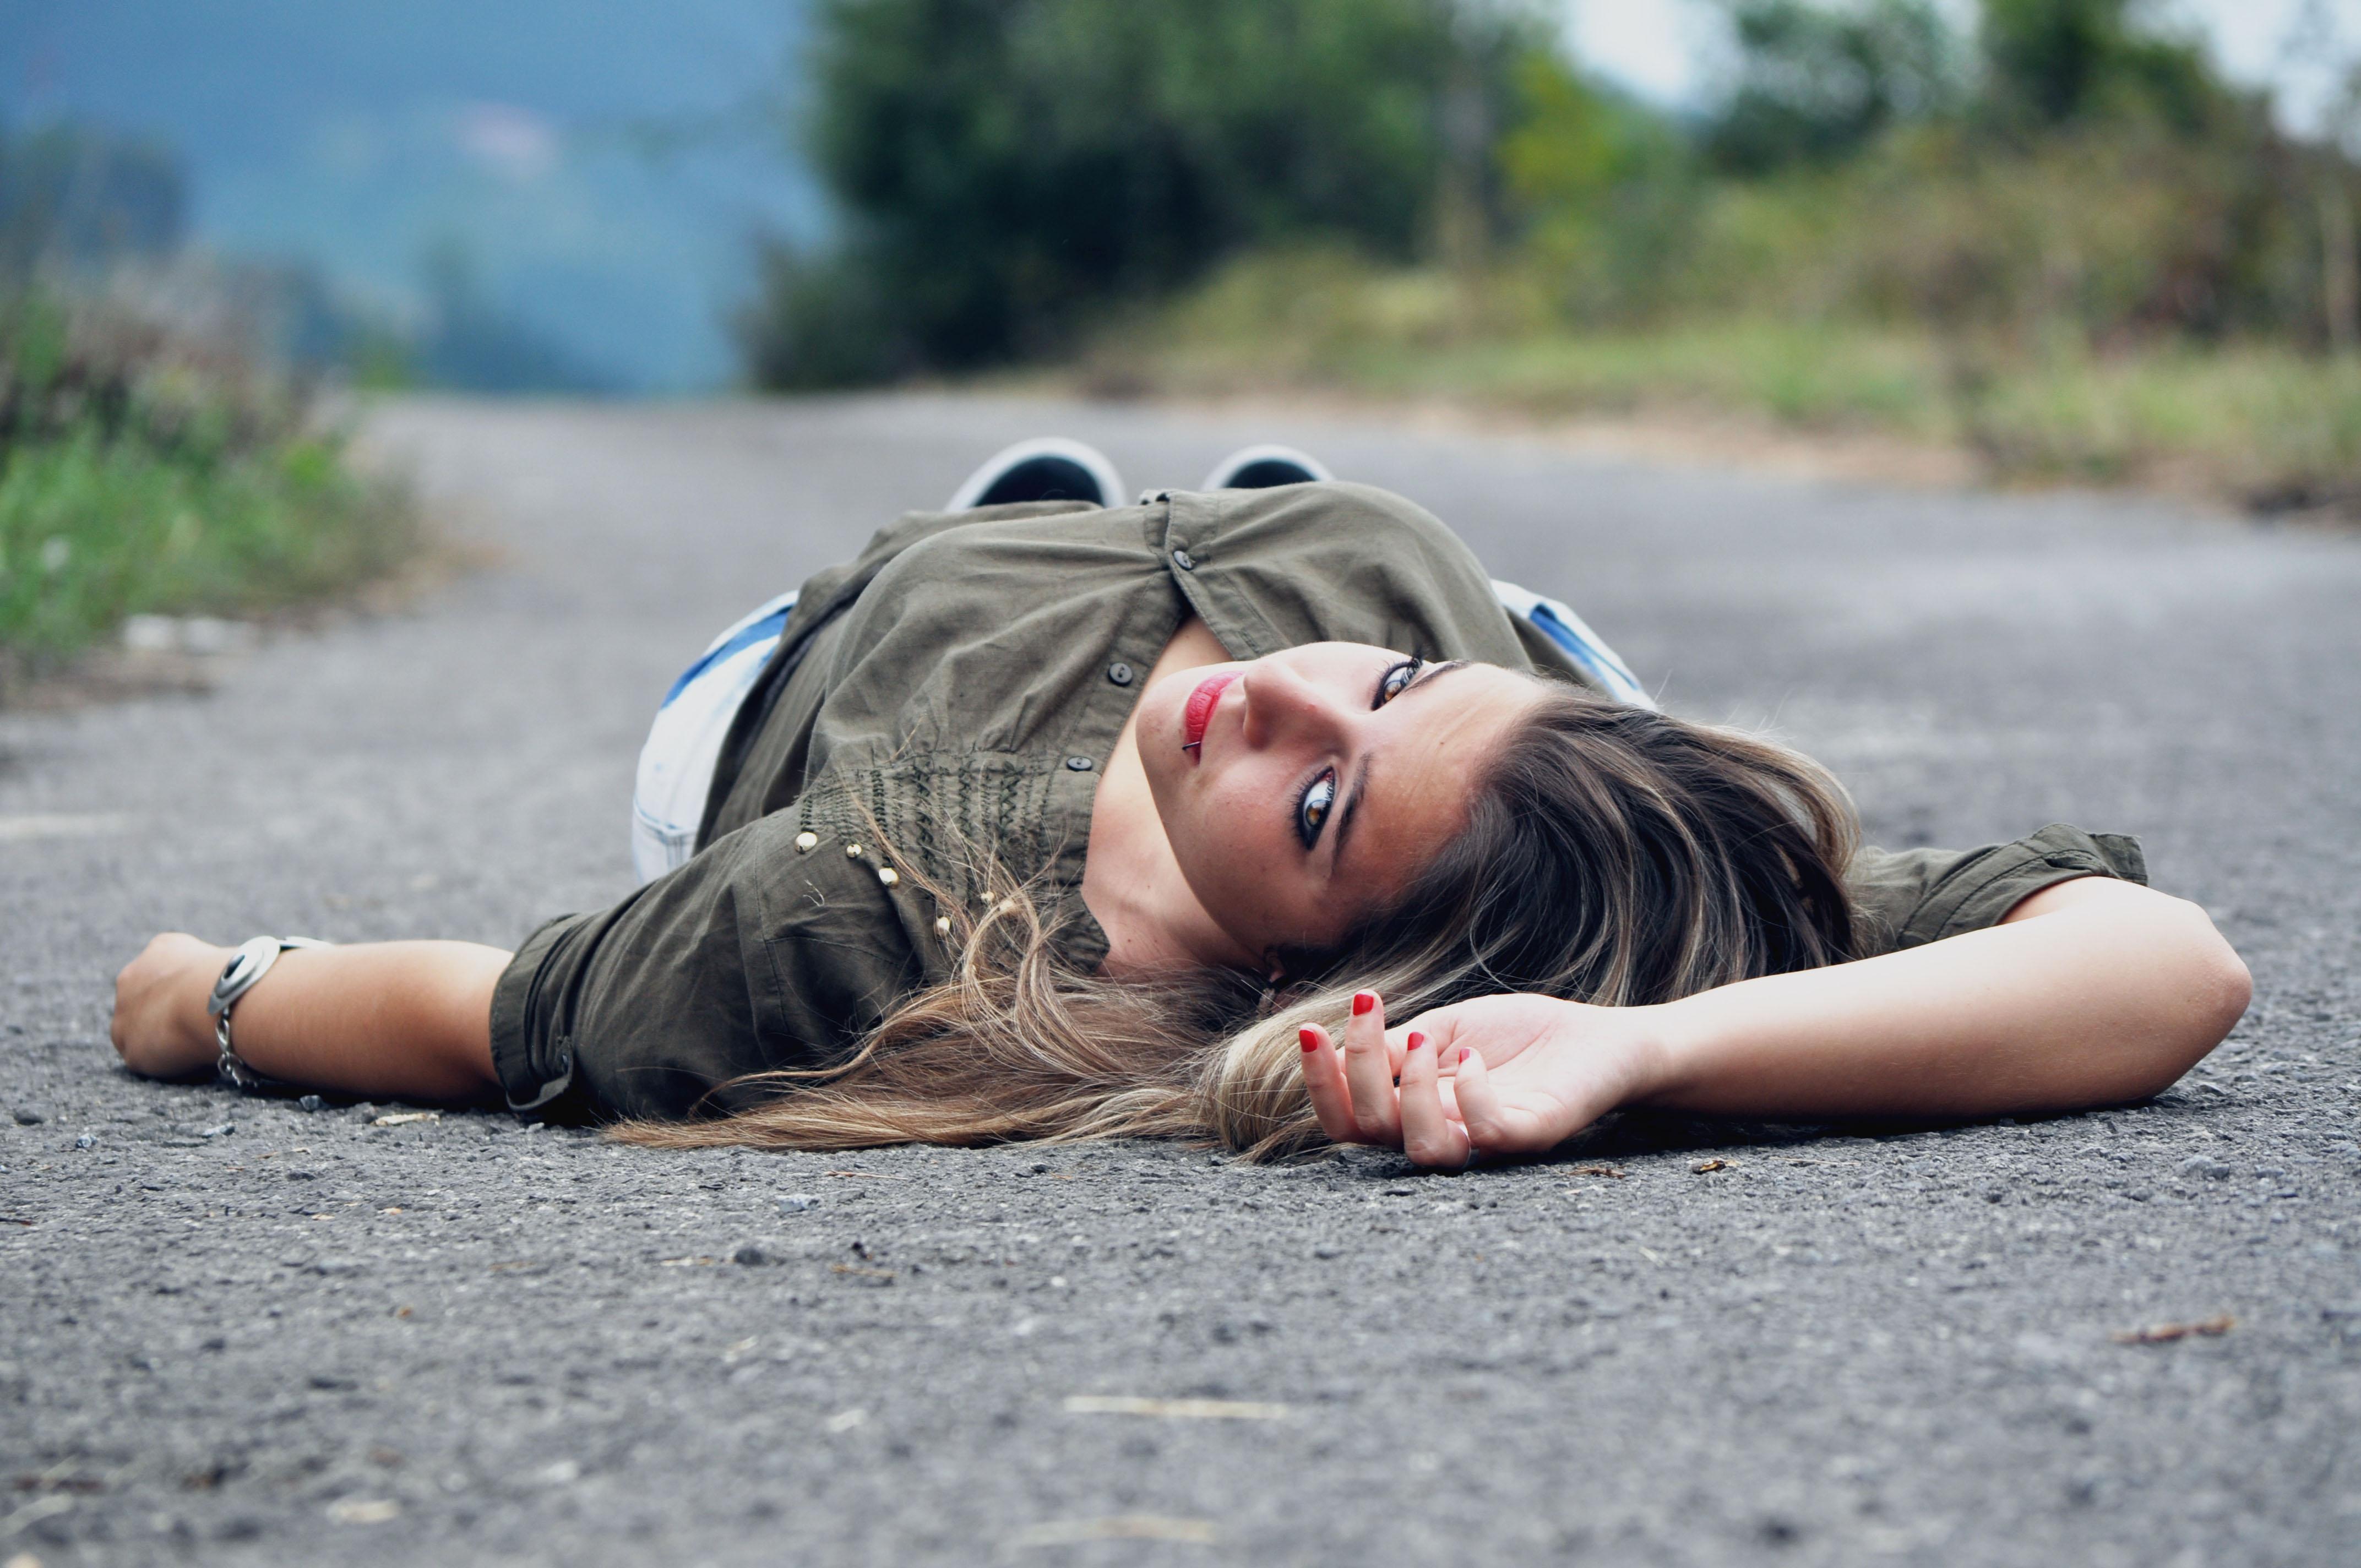 картинка лежа на дороге скрины, записывает онлайн-видео